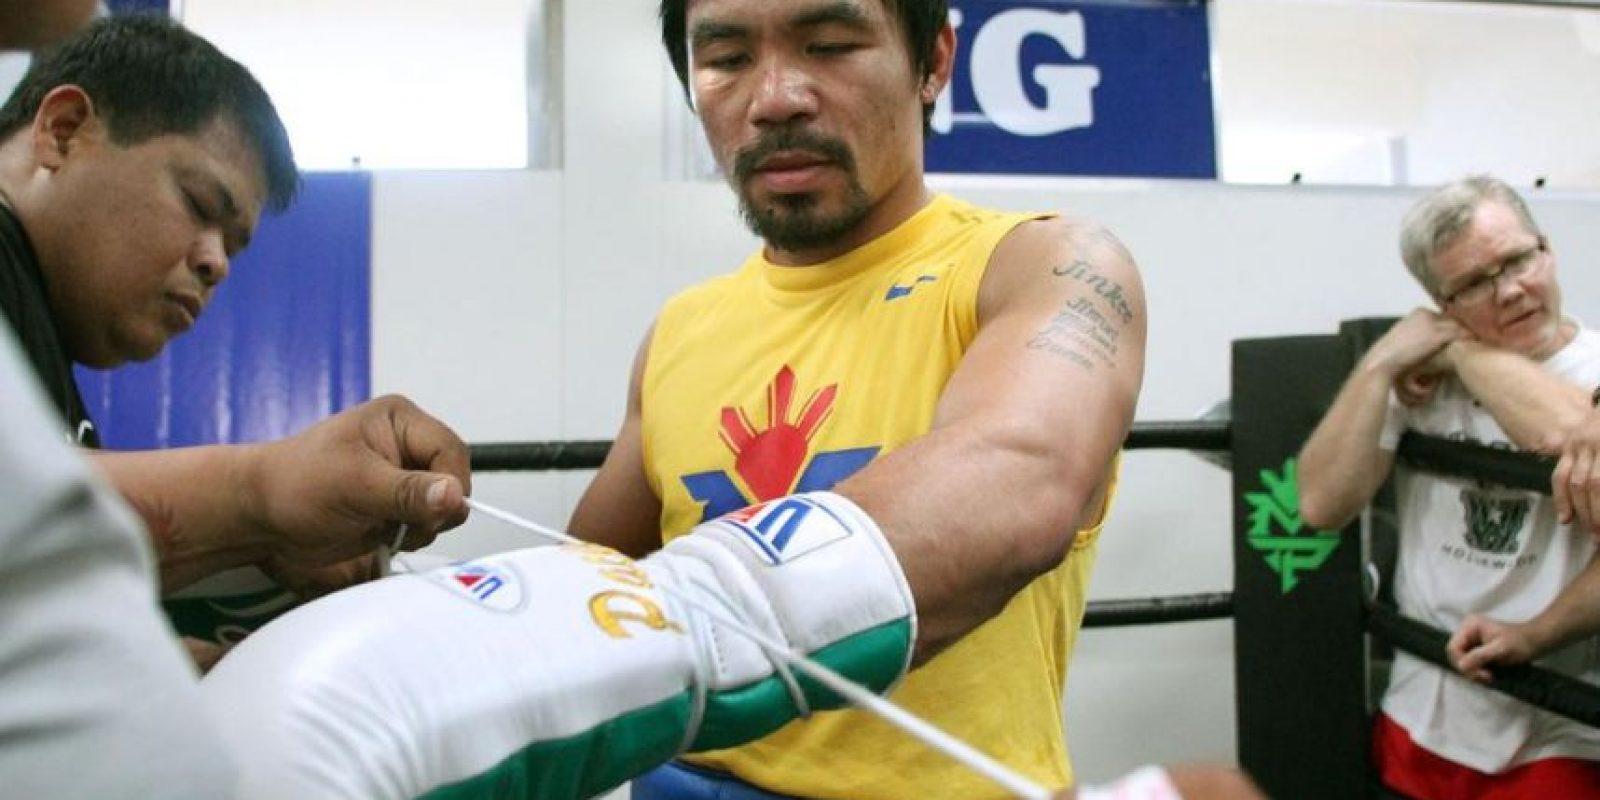 """Ahora, el filipino buscará revalidar ante """"Money"""" su título como campeón de la Organización Mundial de Boxeo (WBO) y ganarse el título del Consejo Mundial de Boxeo (WBC) y el título de la Asociación Mundial de Boxeo (WBA) que pertenecen a Mayweather. Foto:Vía facebook.com/MannyPacquiao"""